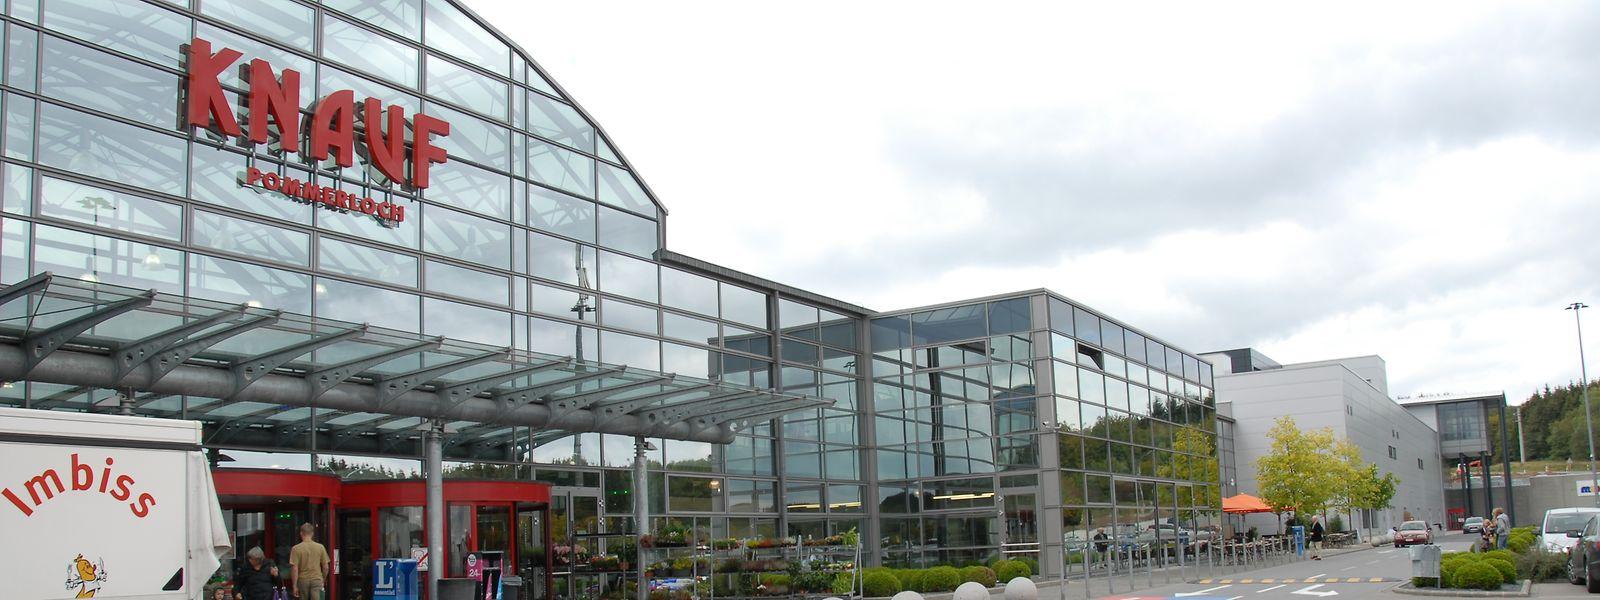 Am frühen Donnerstagmorgen wurde das Shopping Center Knauf in Huldingen überfallen. Auf diesem Foto: Das Shopping Center Knauf im Pommerloch.